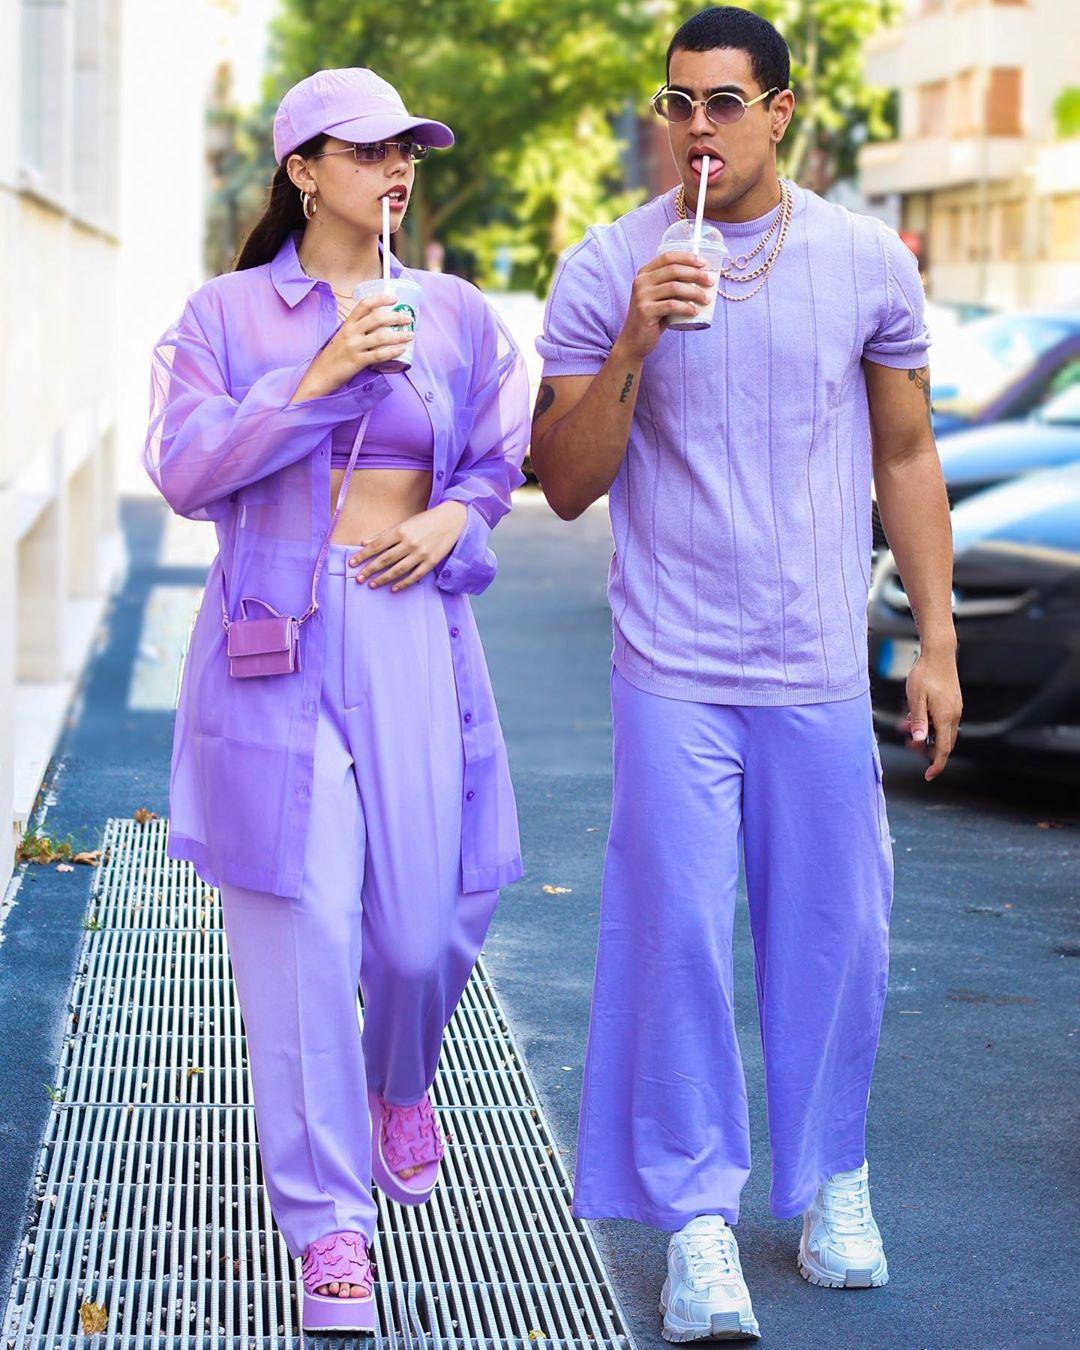 Conoce a @zoomthashit la pareja de Instagram que inspira con sus looks y tendencias monocromáticas